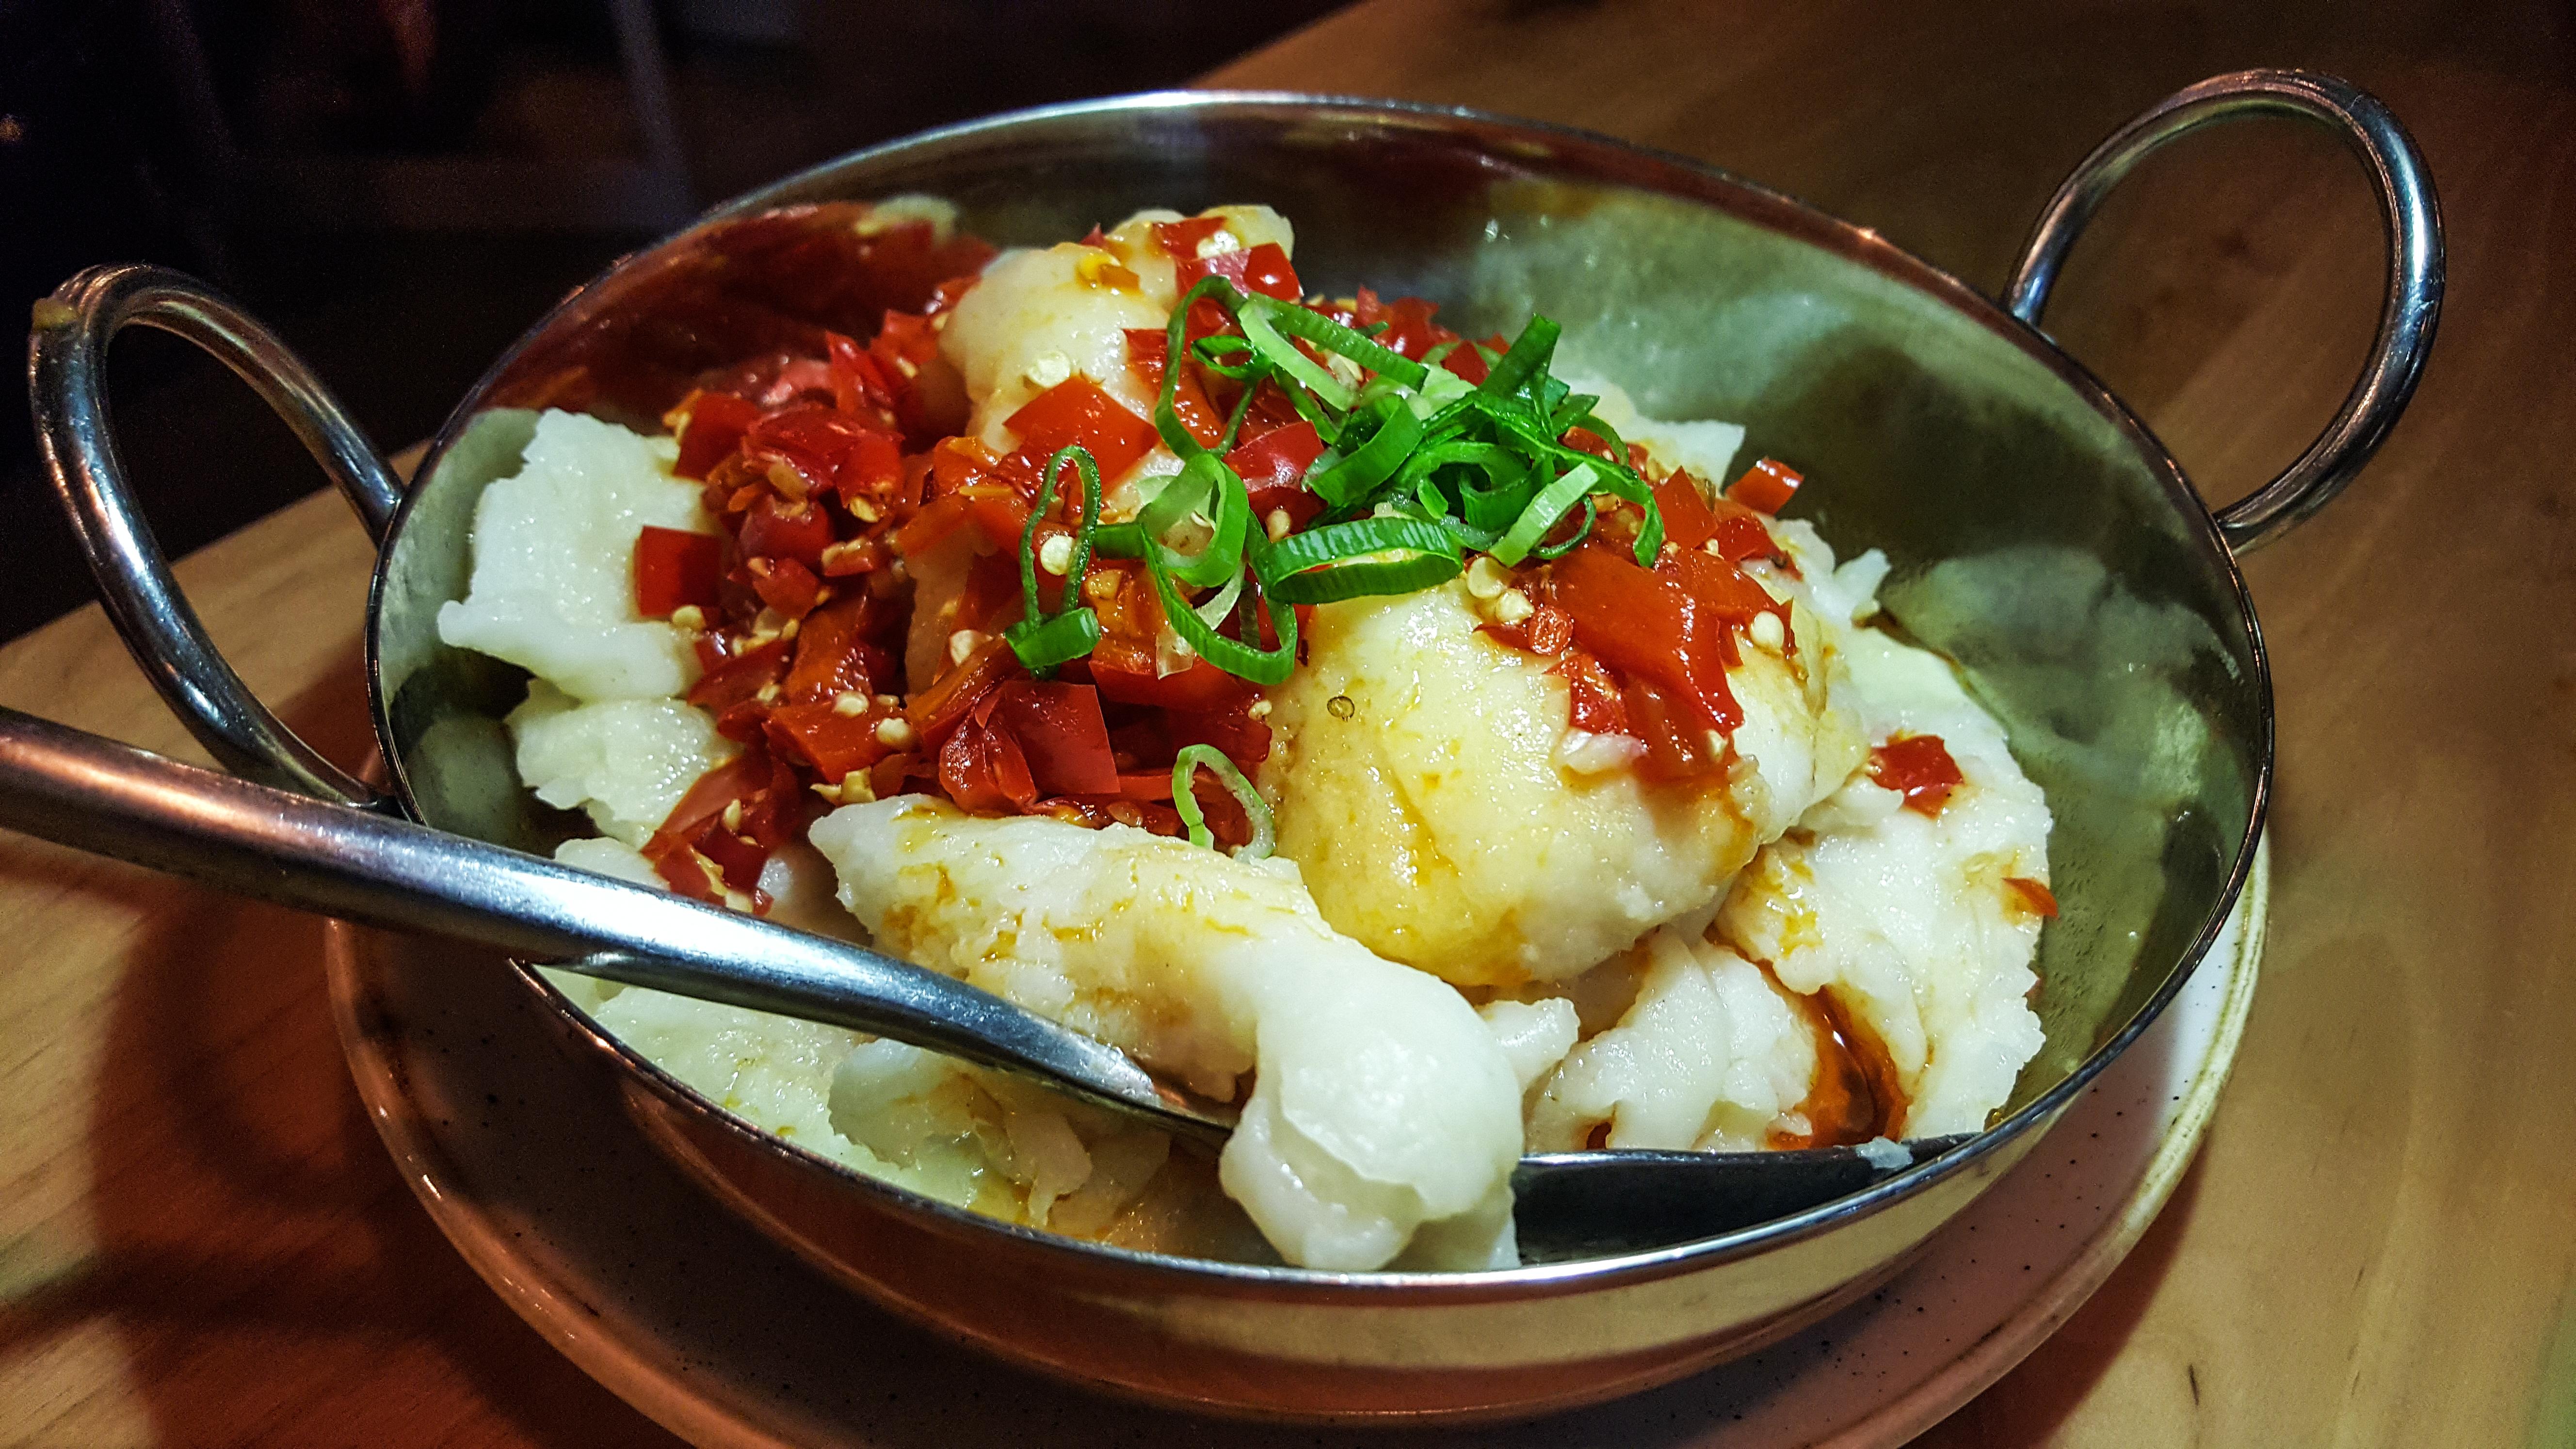 Lava fish at Sumiao Hunan Kitchen